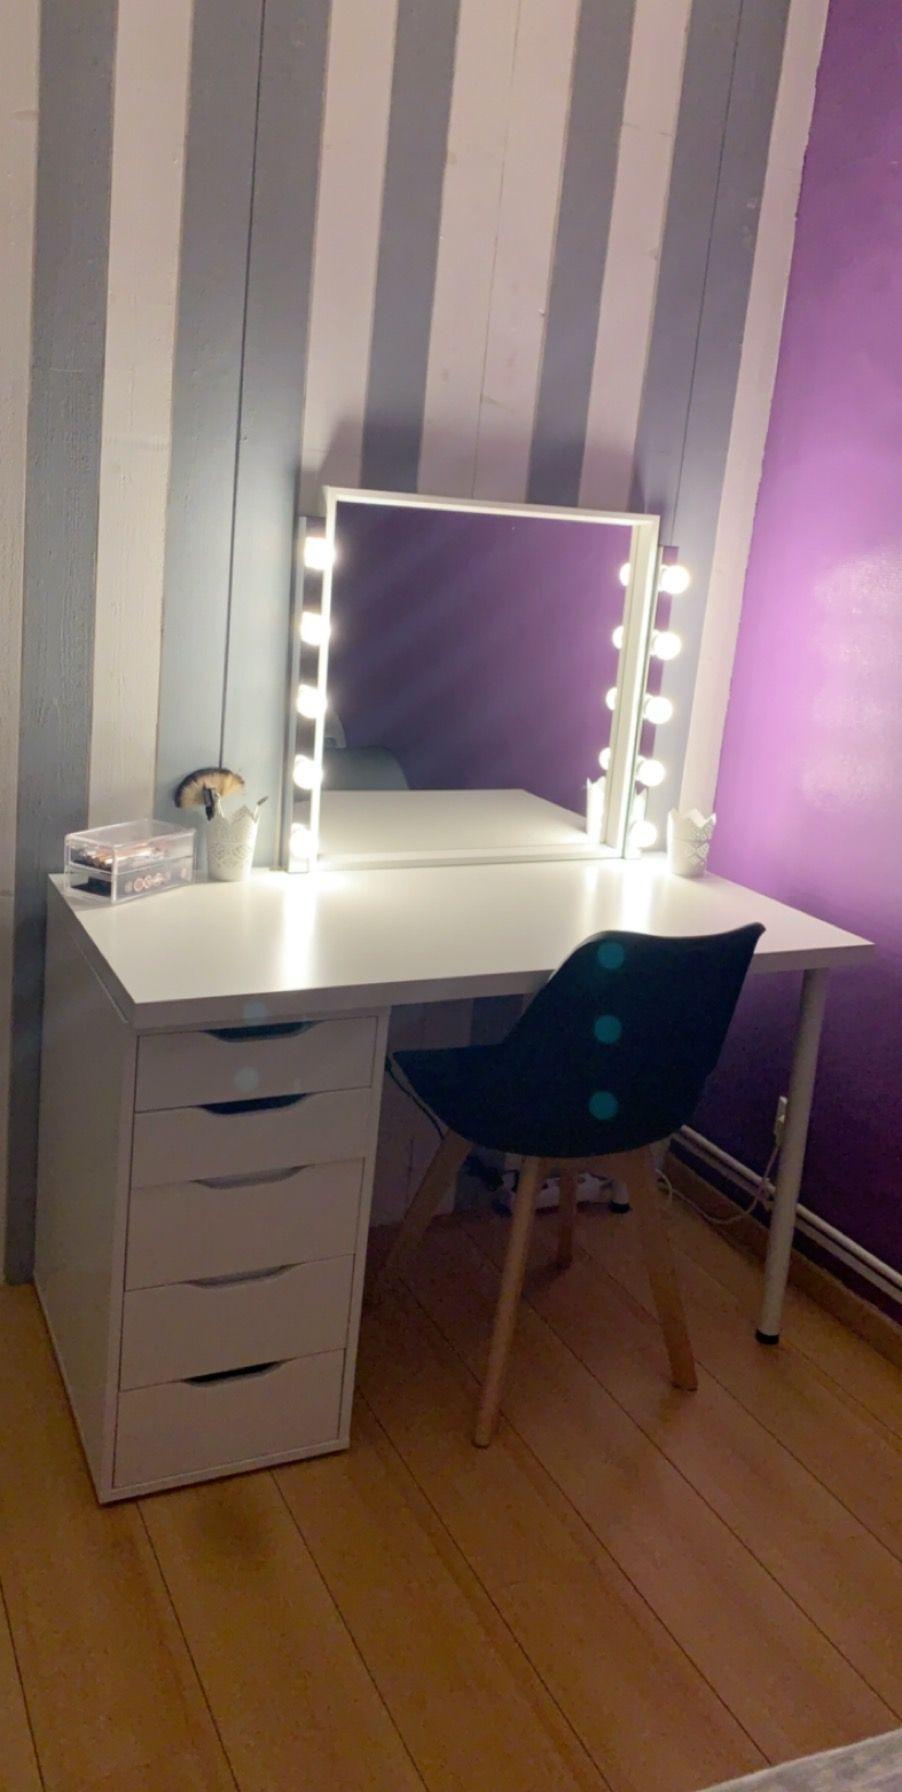 Coiffeuse Alex Coiffeuse Meuble Ikea Design Chambre Ikea Coiffeuse Meuble